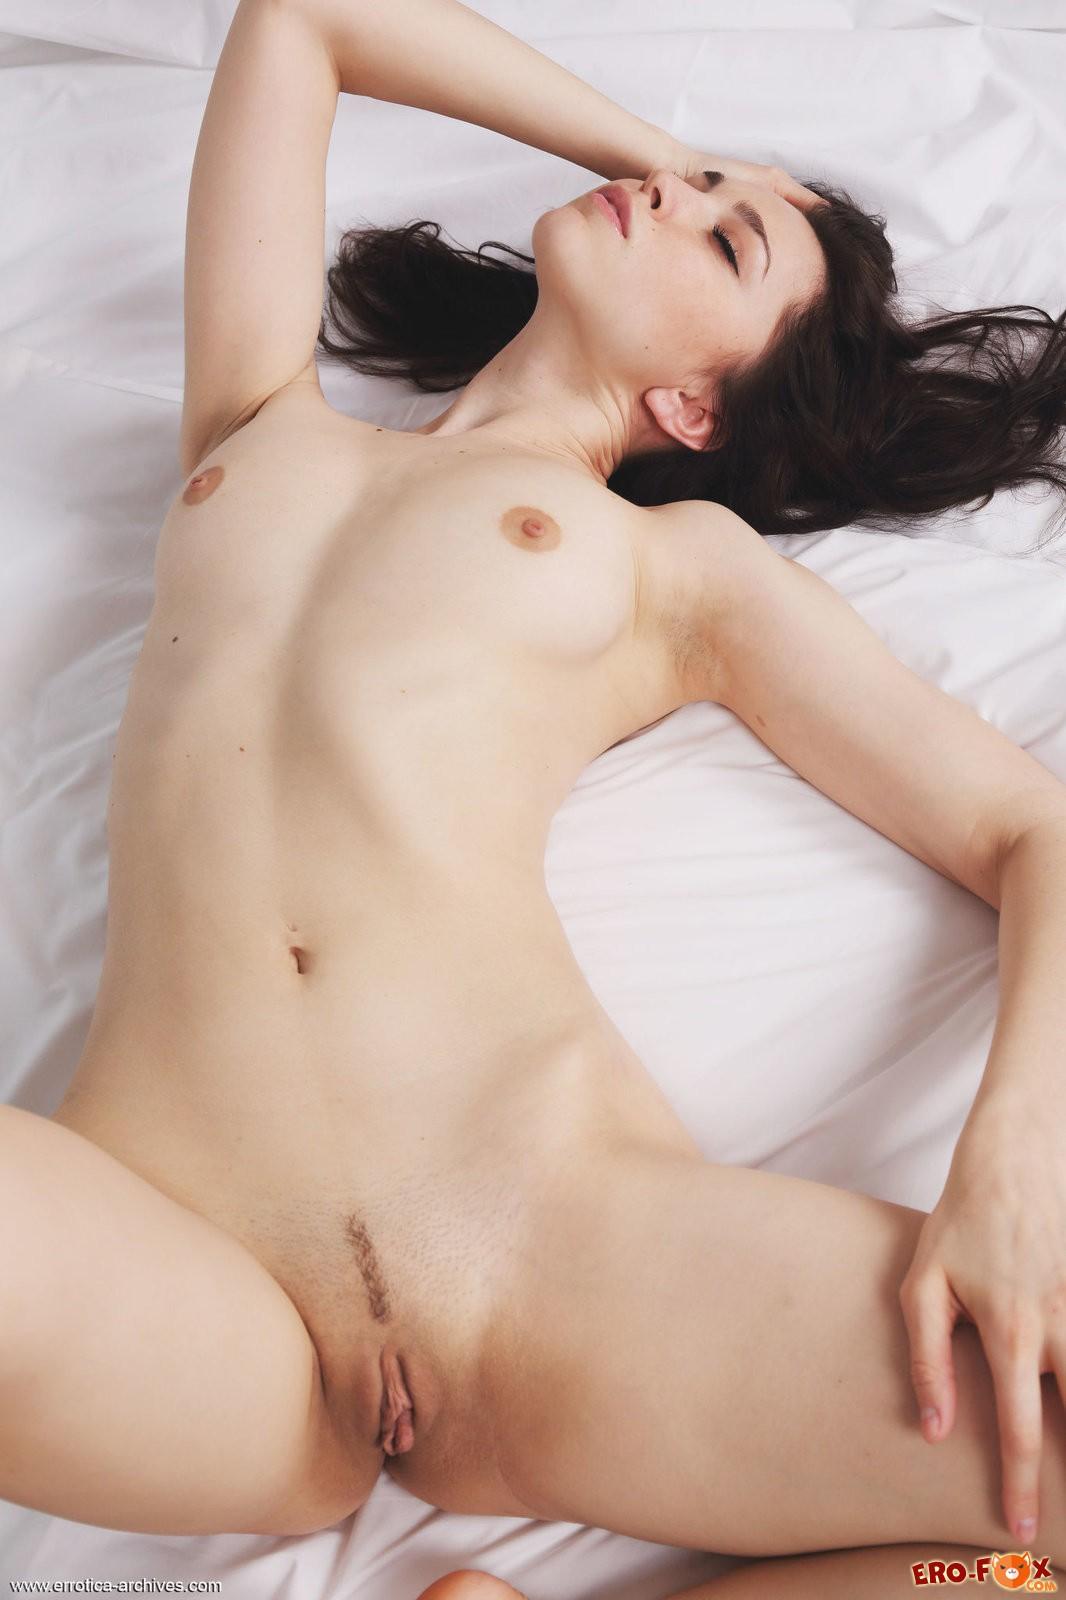 Девушка сняла трусики и пеньюар в постели